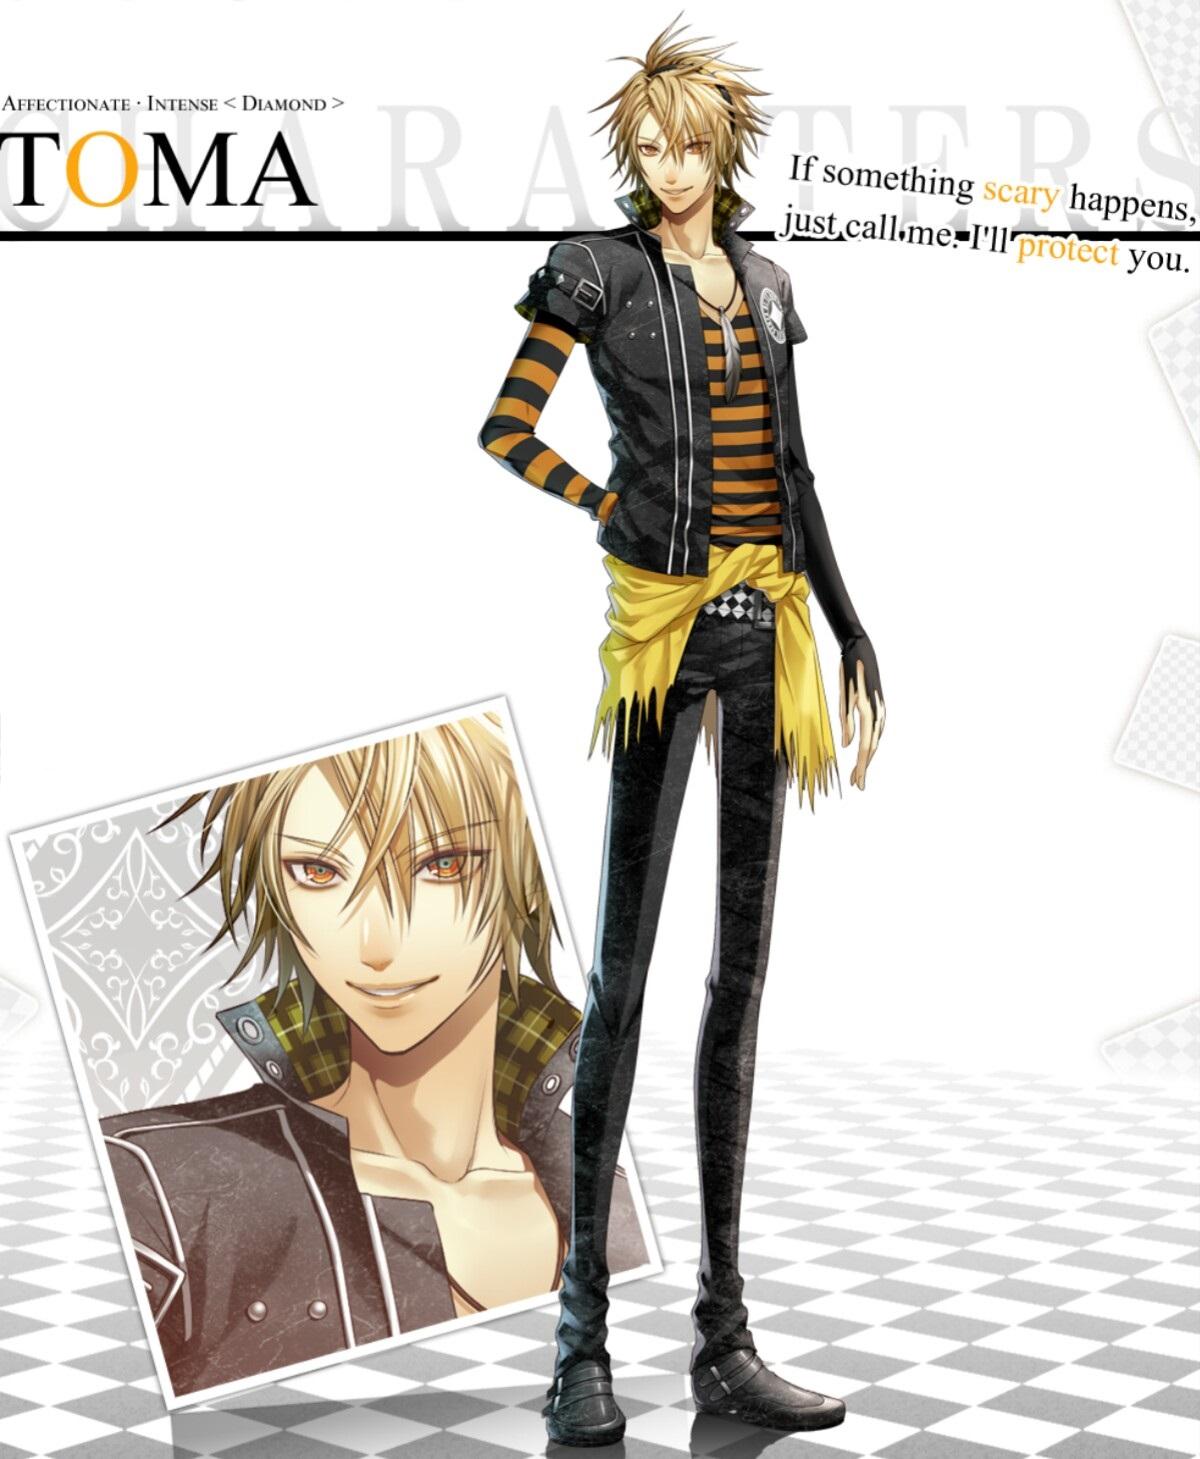 Amnesia Memories: New Screenshots of Toma & Ikki